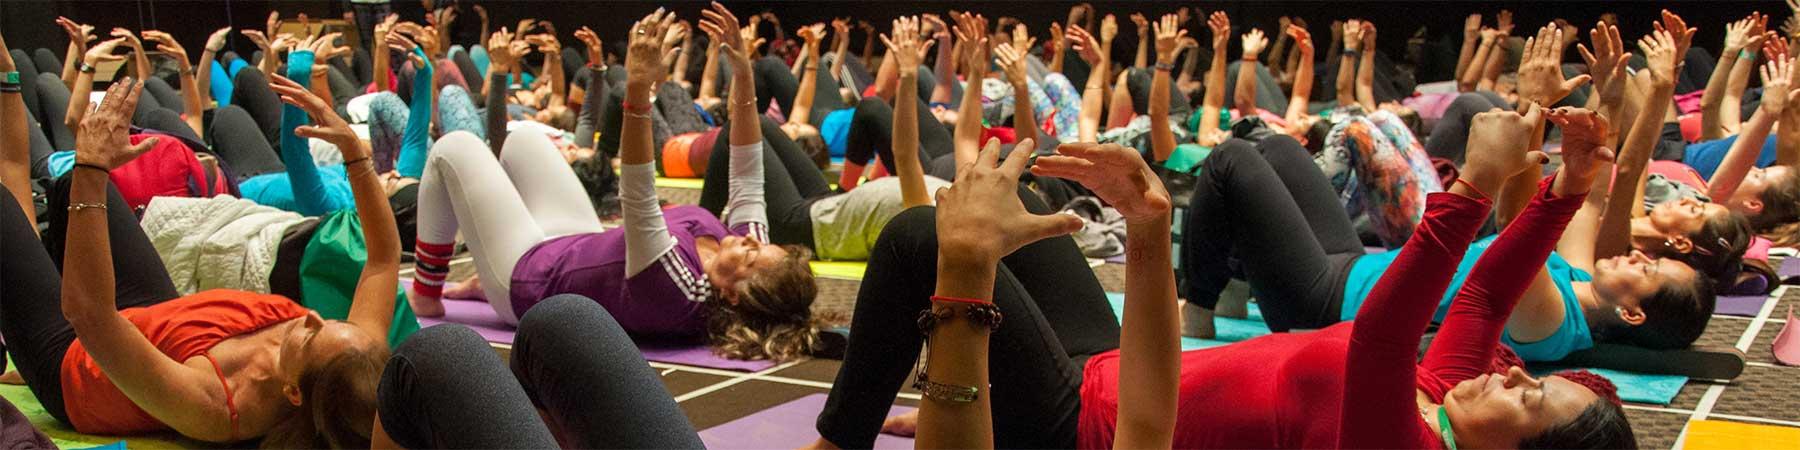 hoe verdien ik meer als yogaleraar meer leerlingen